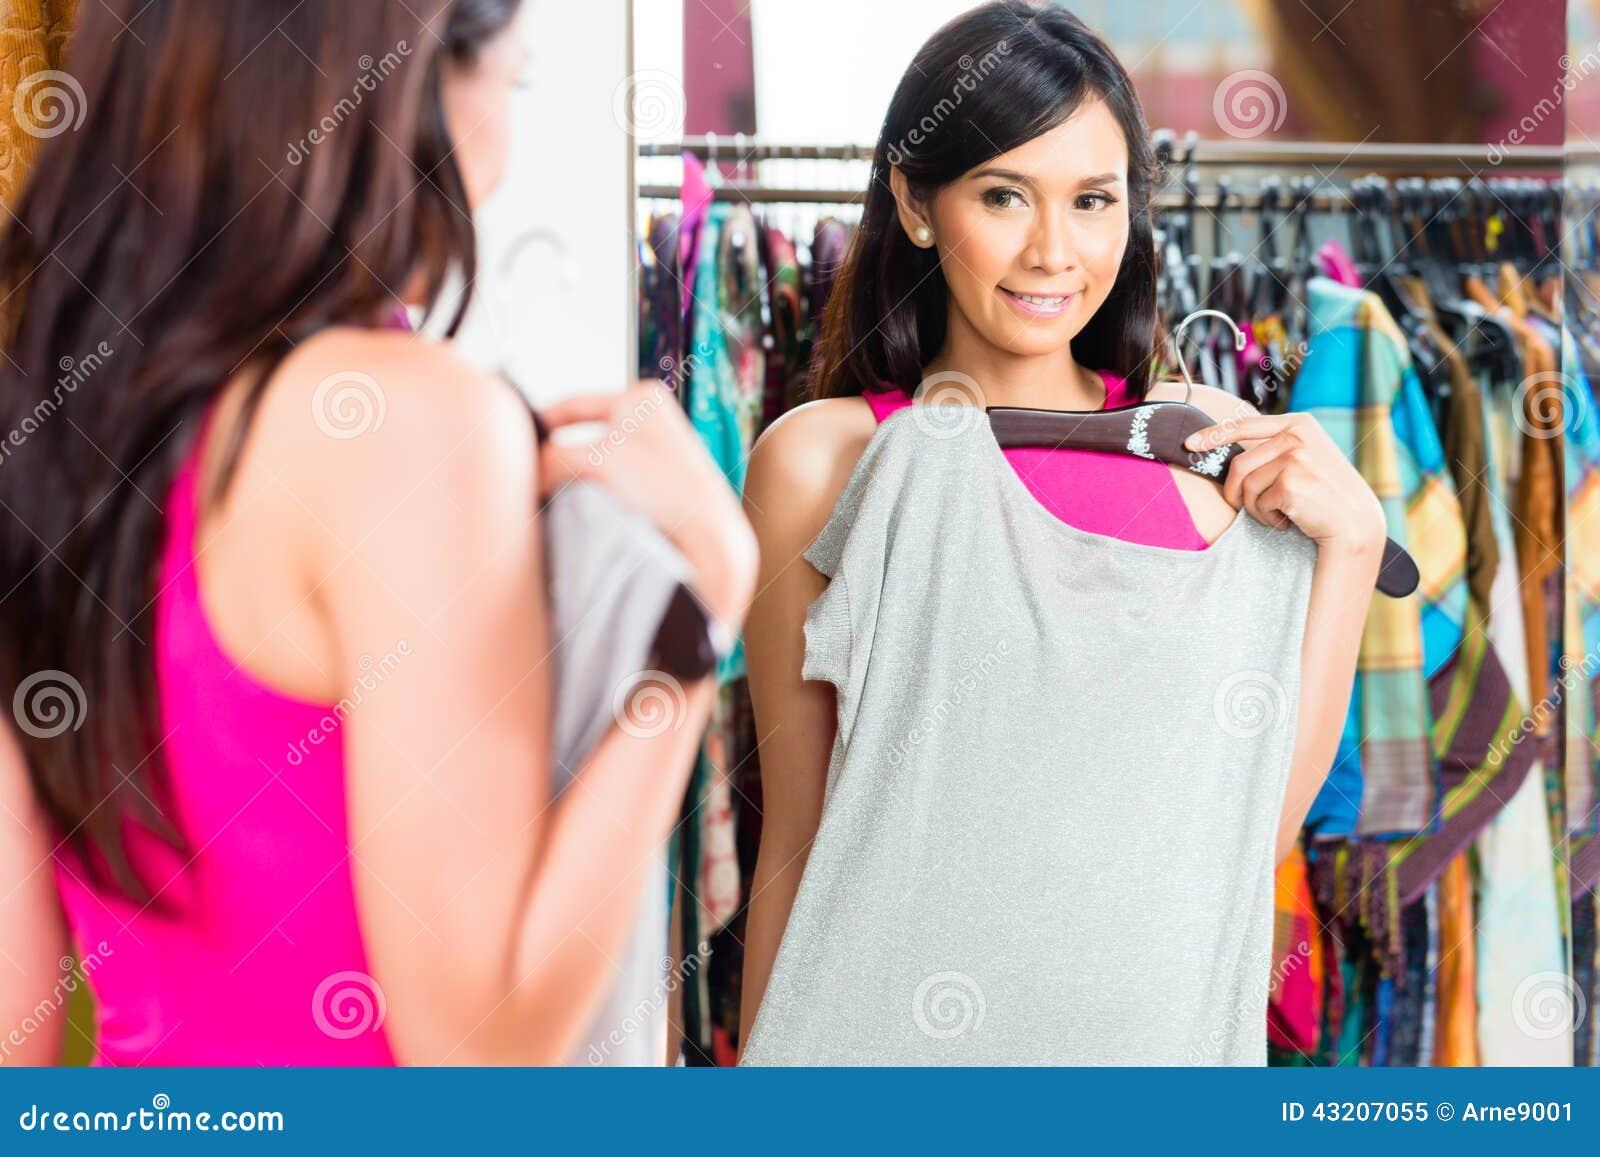 Download Asiatisk Kvinnashopping I Modelager Fotografering för Bildbyråer - Bild av förminska, stil: 43207055